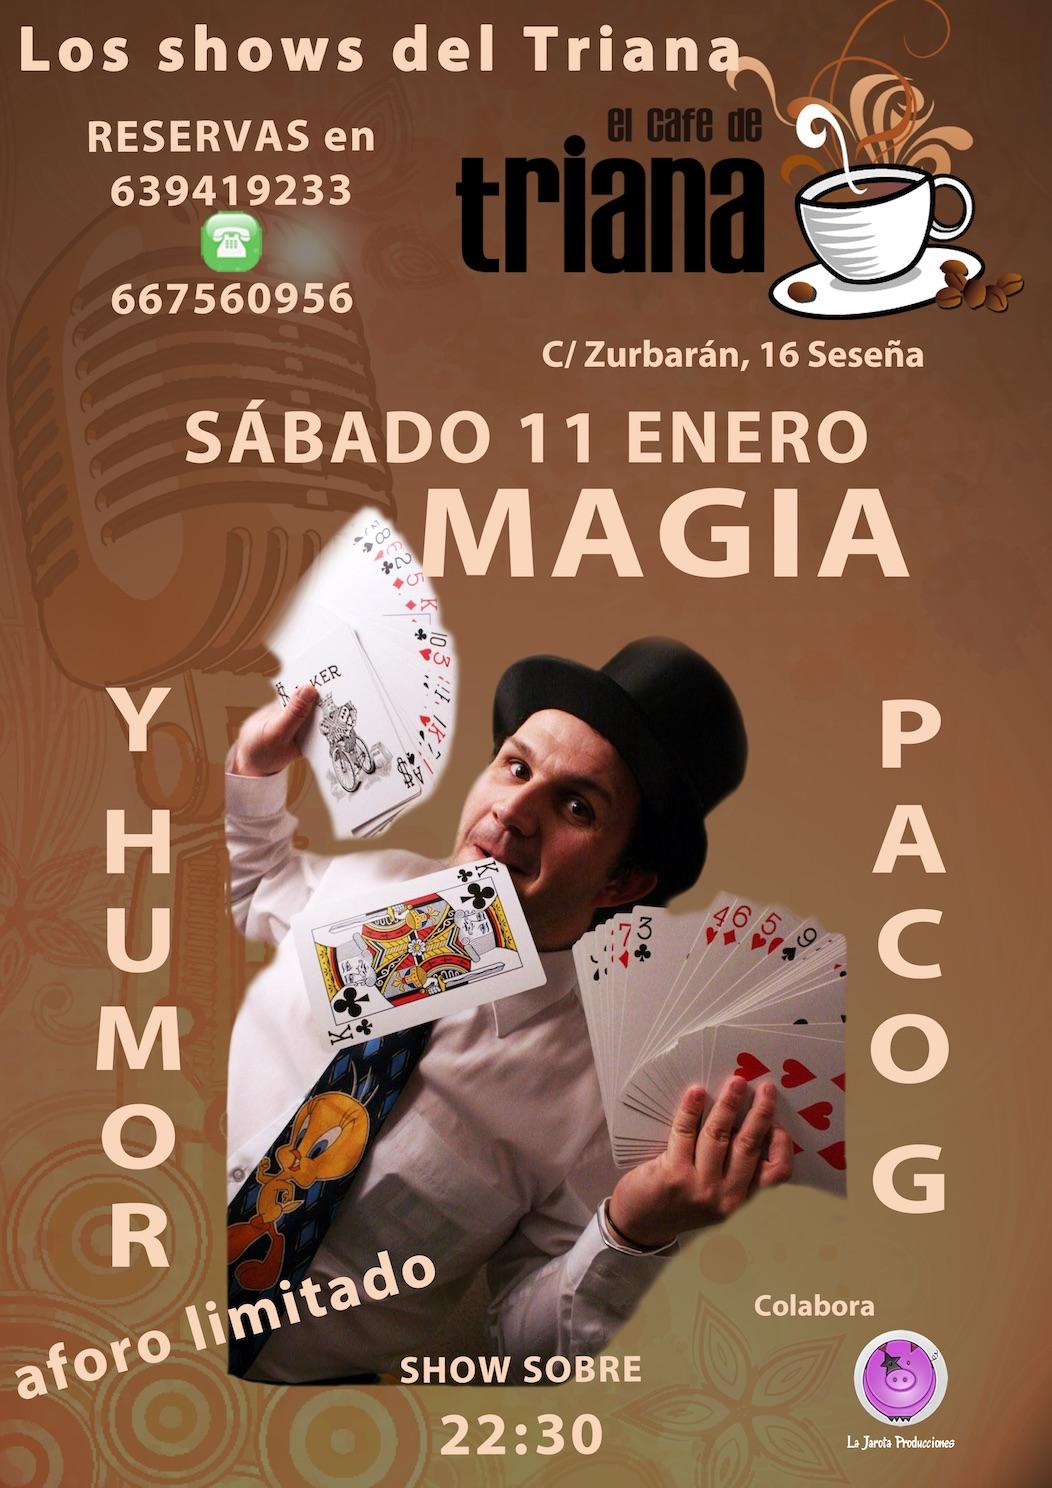 Paco G en El Café de Triana